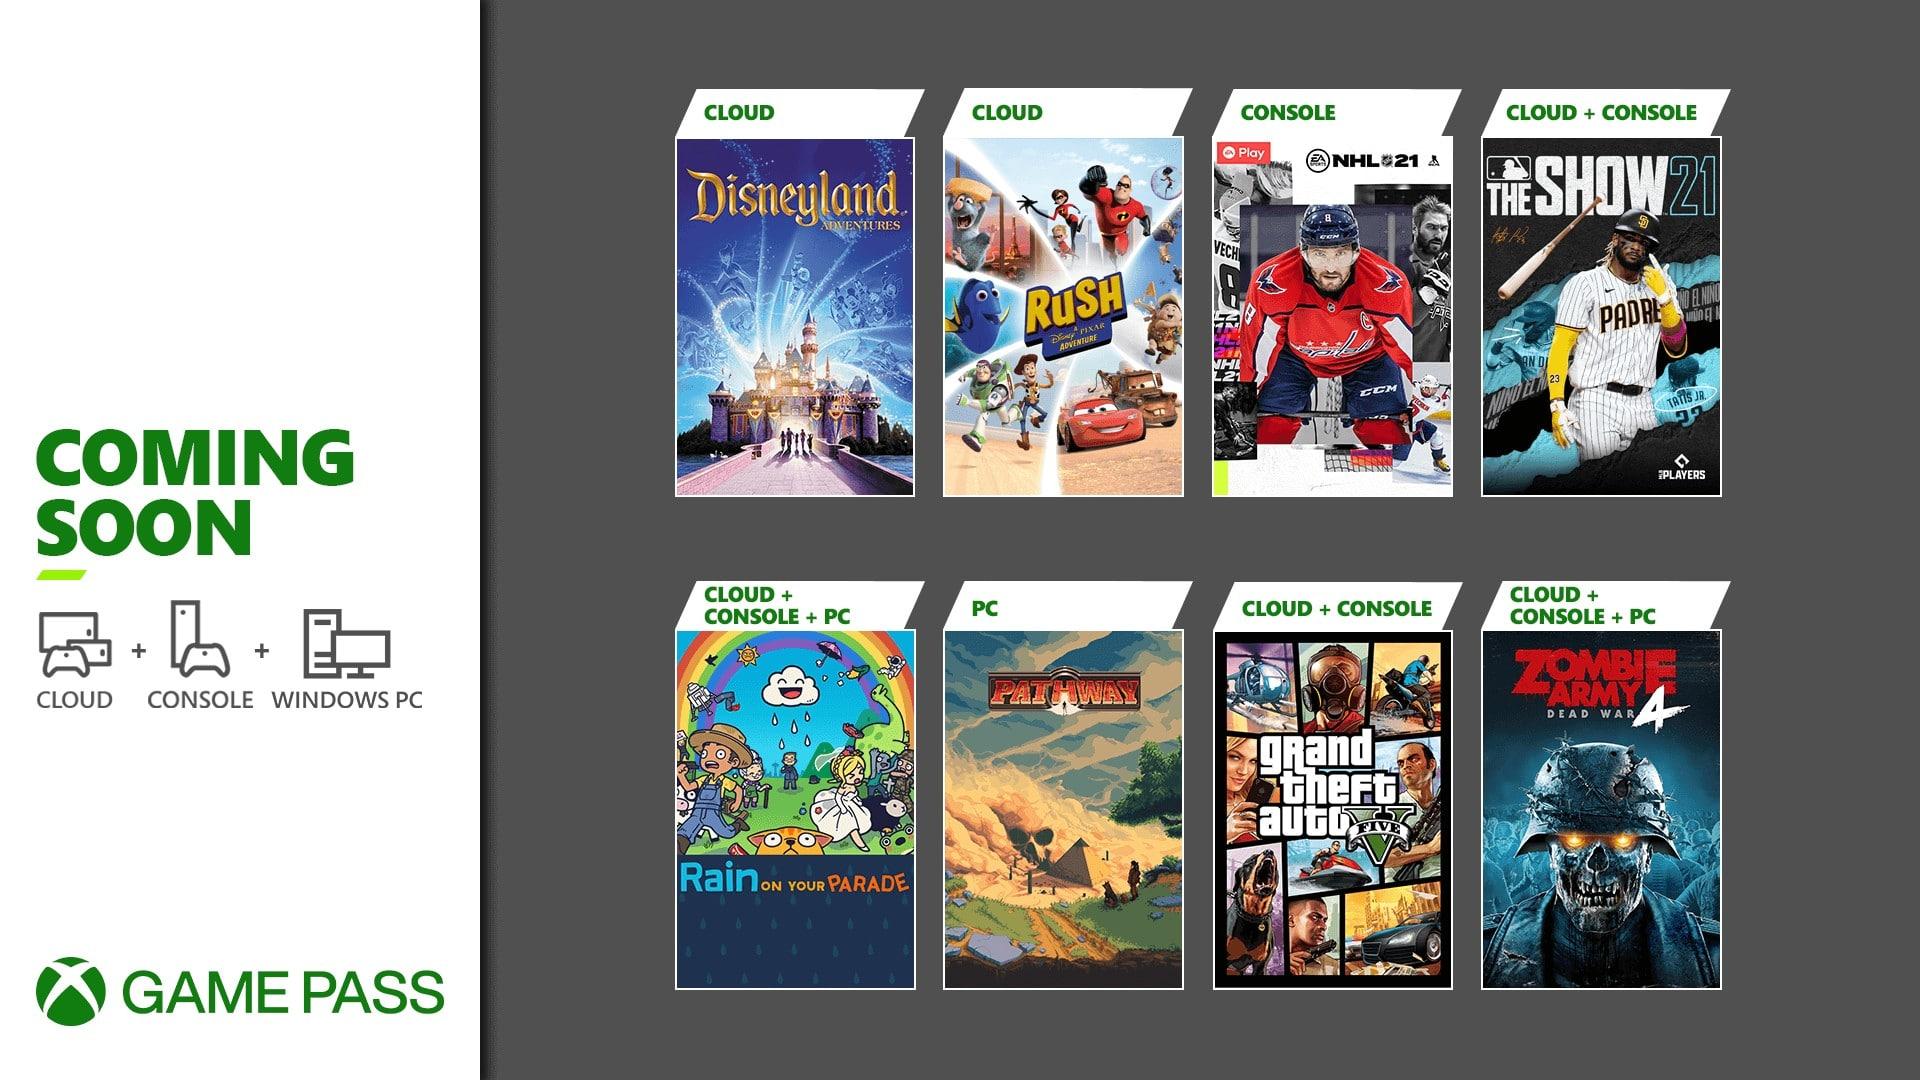 Grand Theft Auto V es uno de los juegos que llegarán al Xbox Game Pass el 8 de Abril